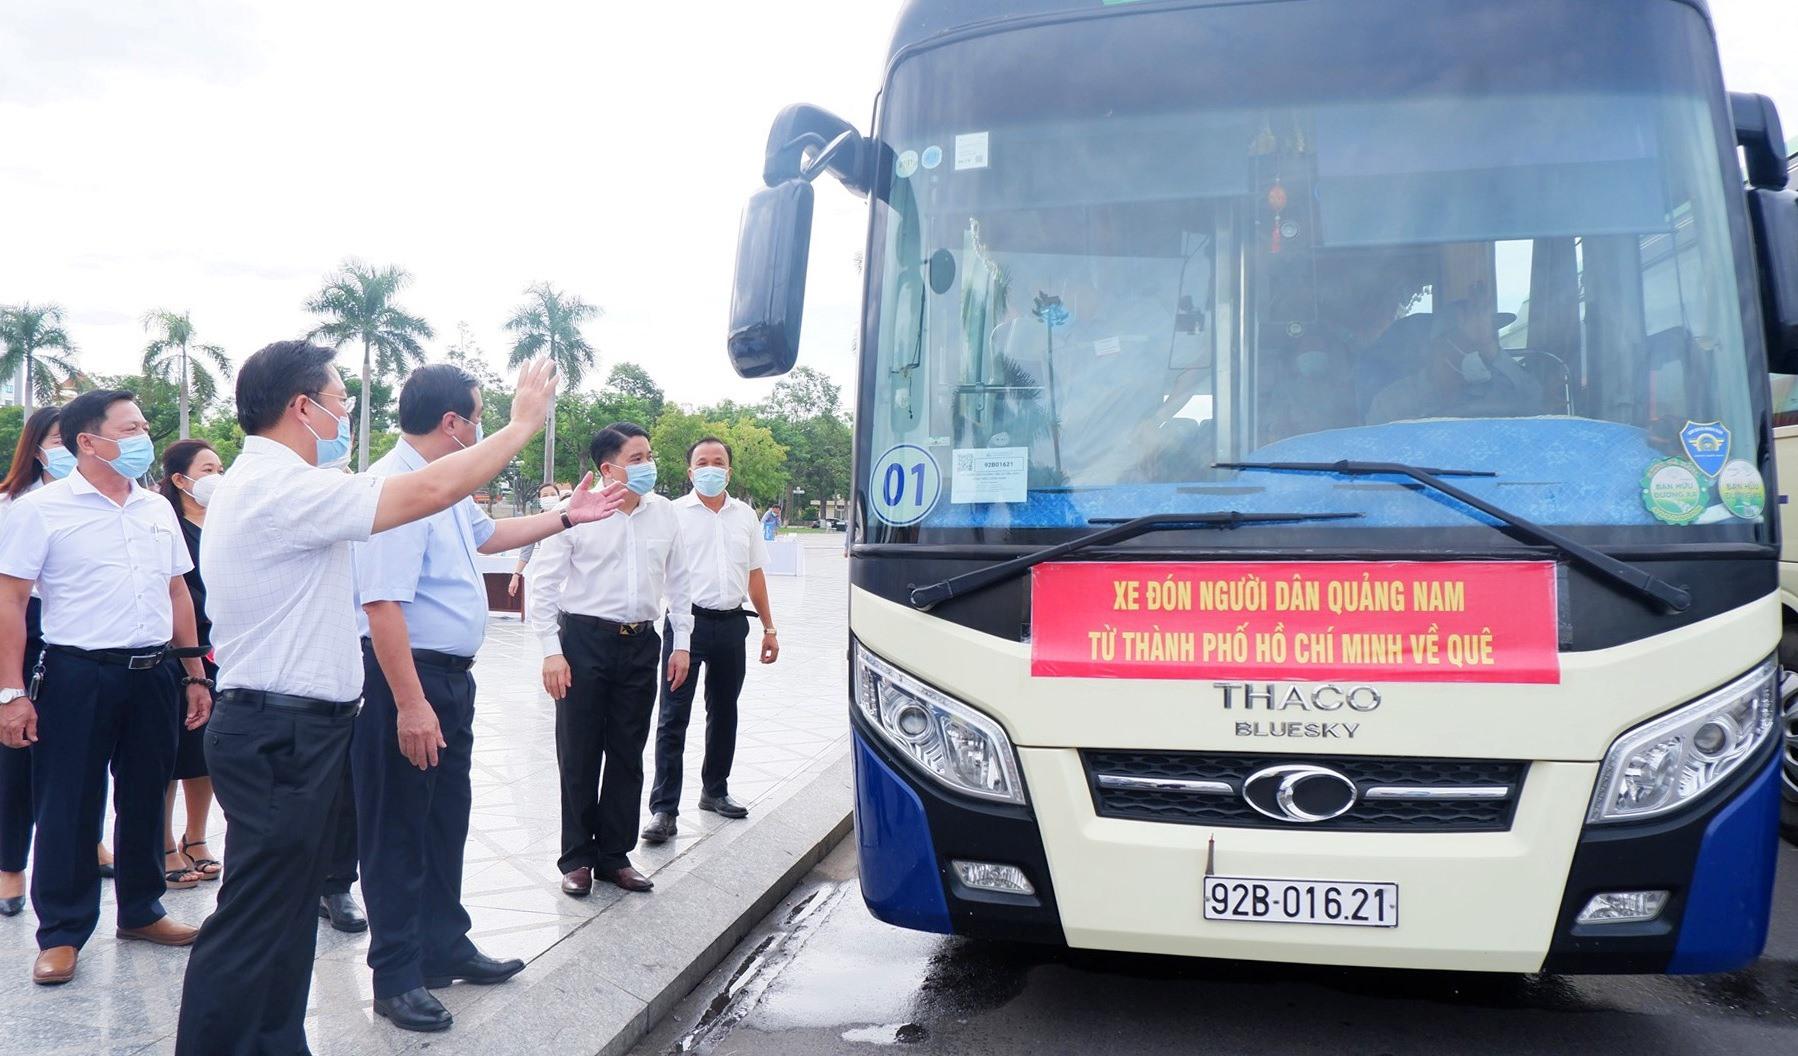 Khởi hành đoàn xe đón đồng hương Quảng Nam từ TP.Hồ Chí Minh về quê (clip) 1